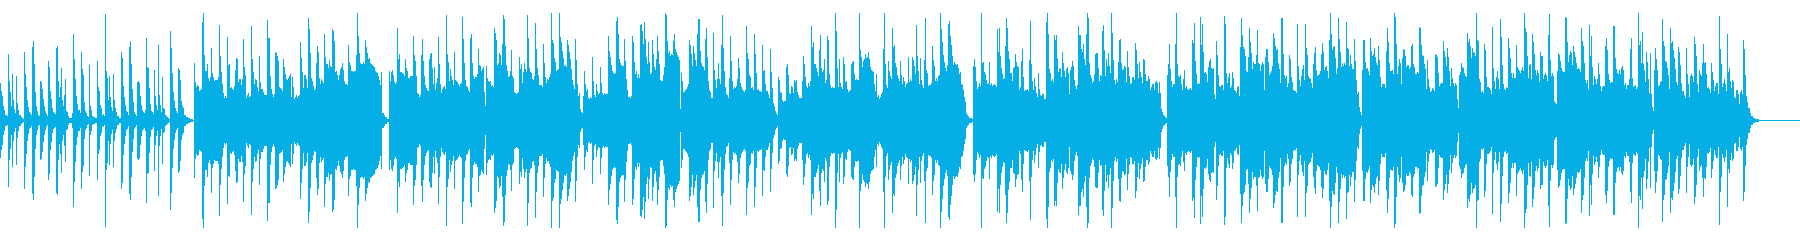 日常系アニメの会話シーンのような曲の再生済みの波形